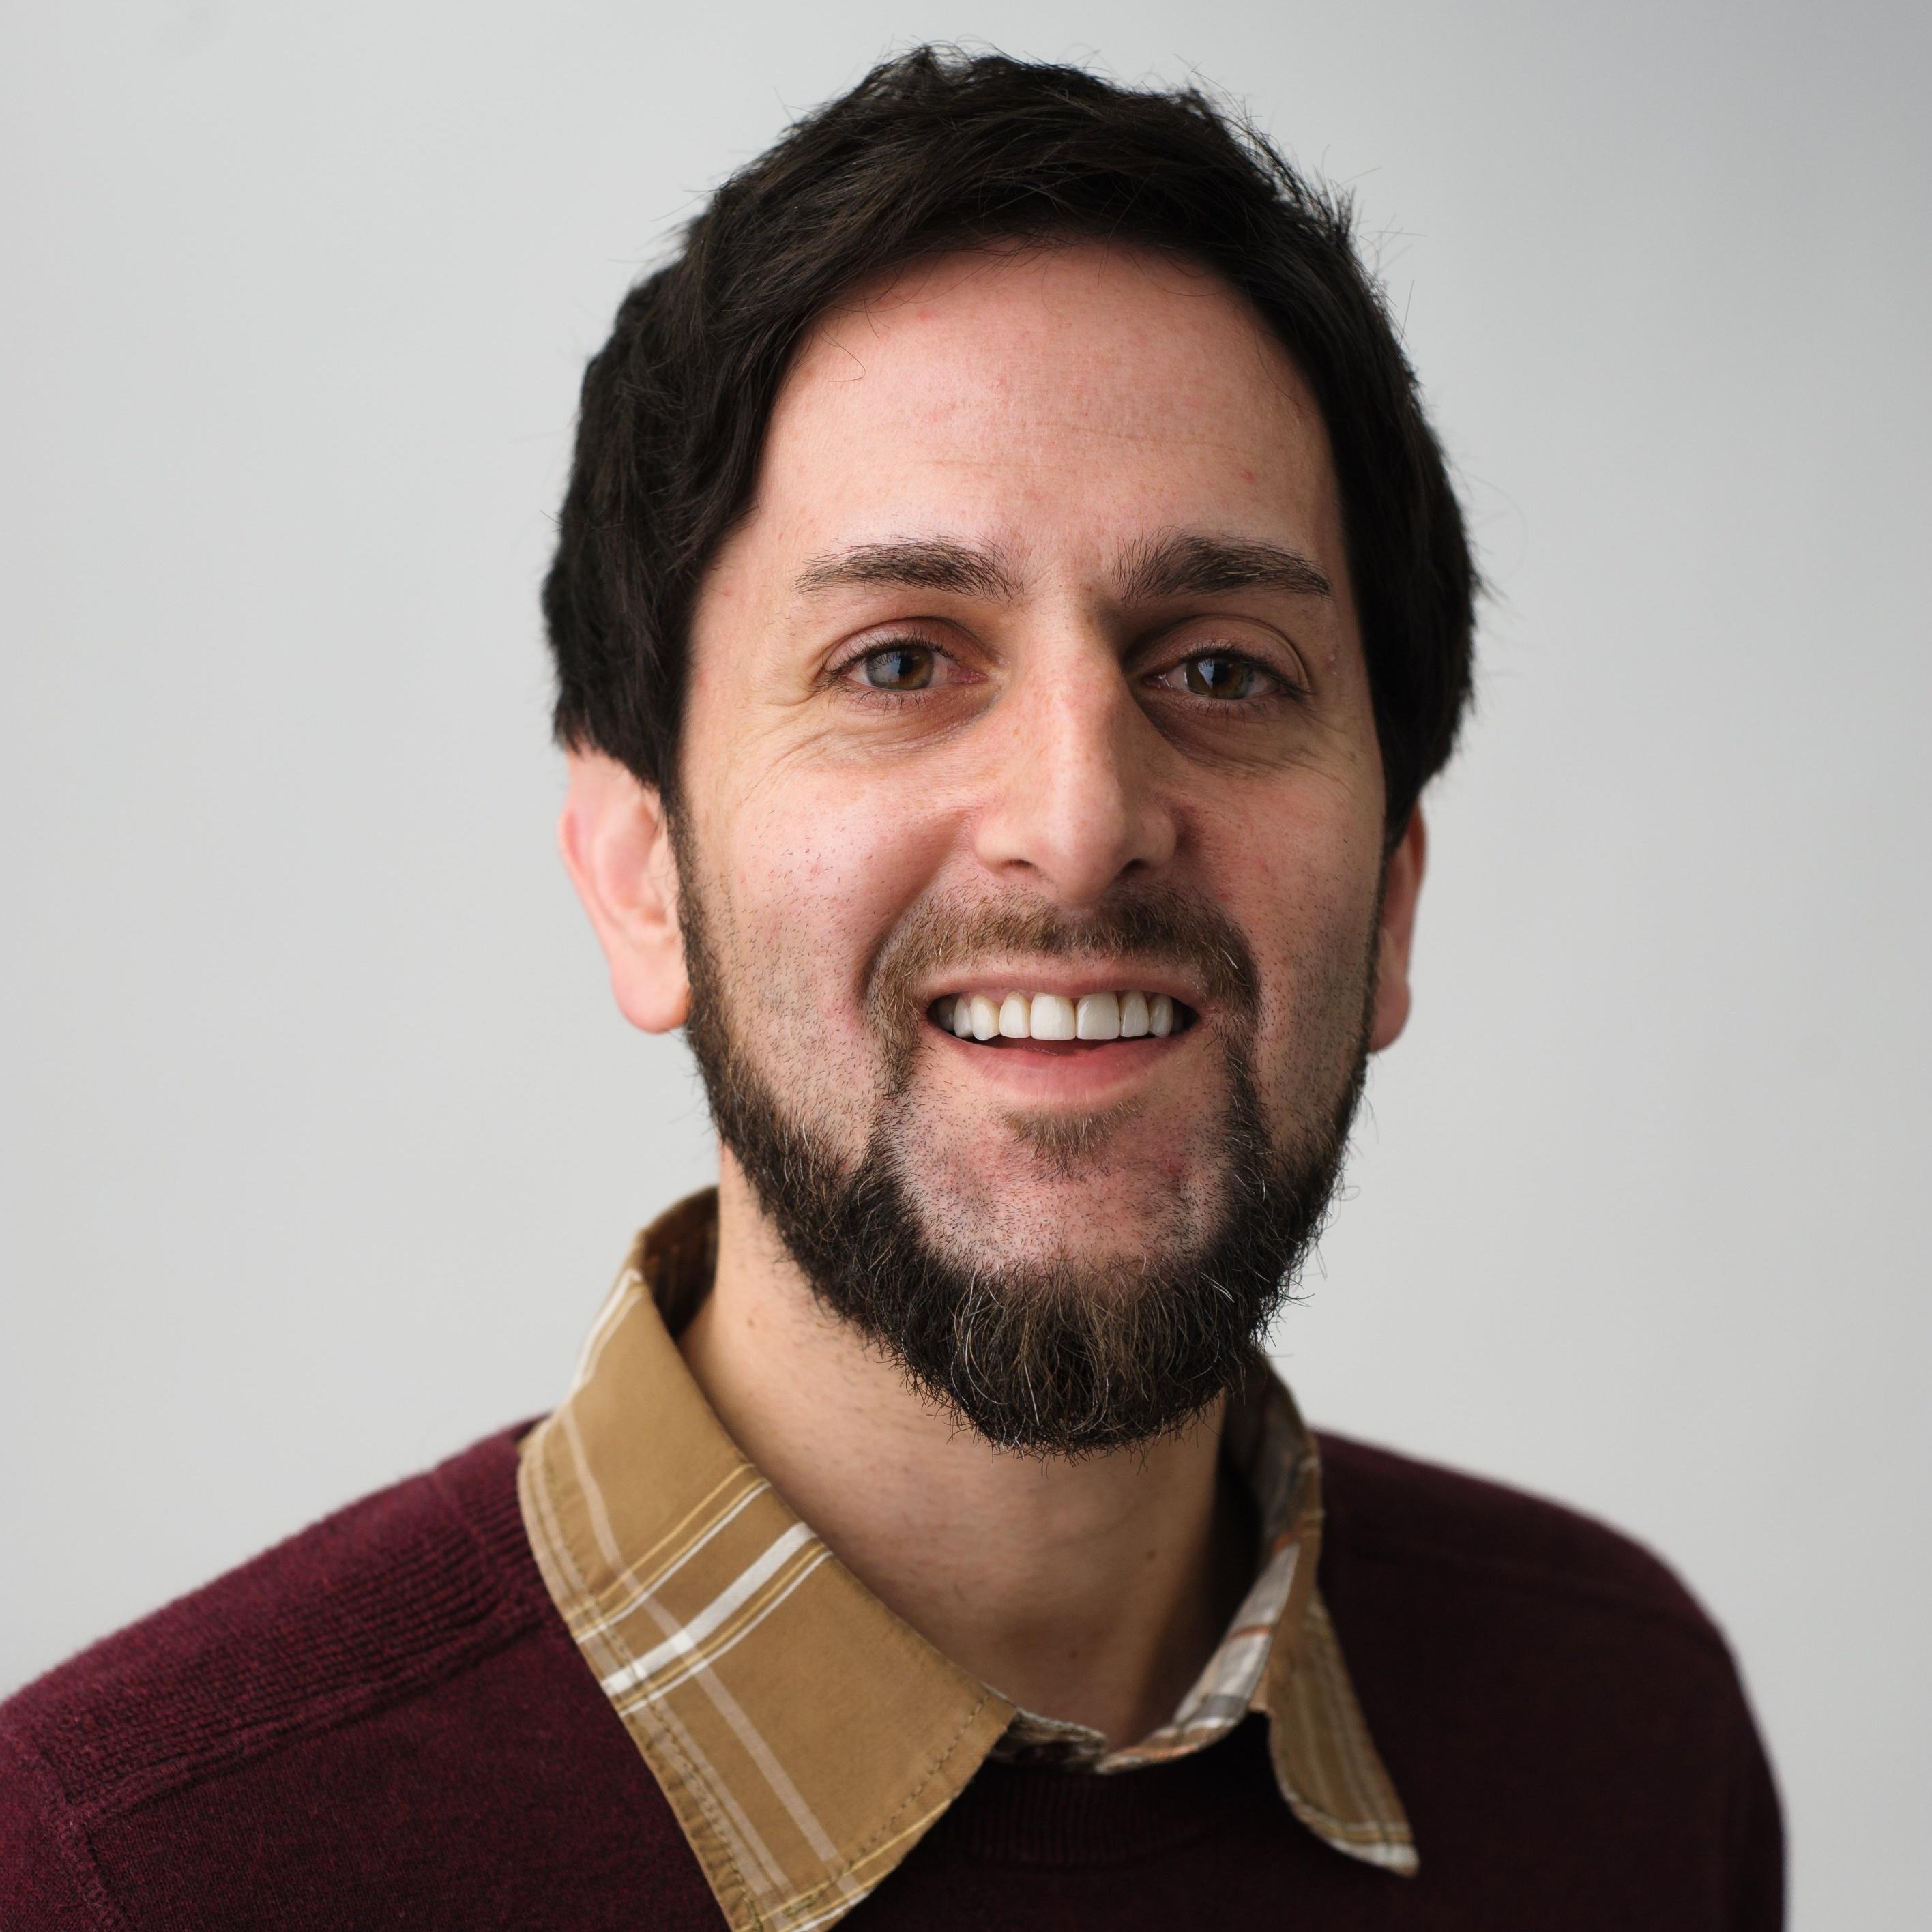 Adam Vasey